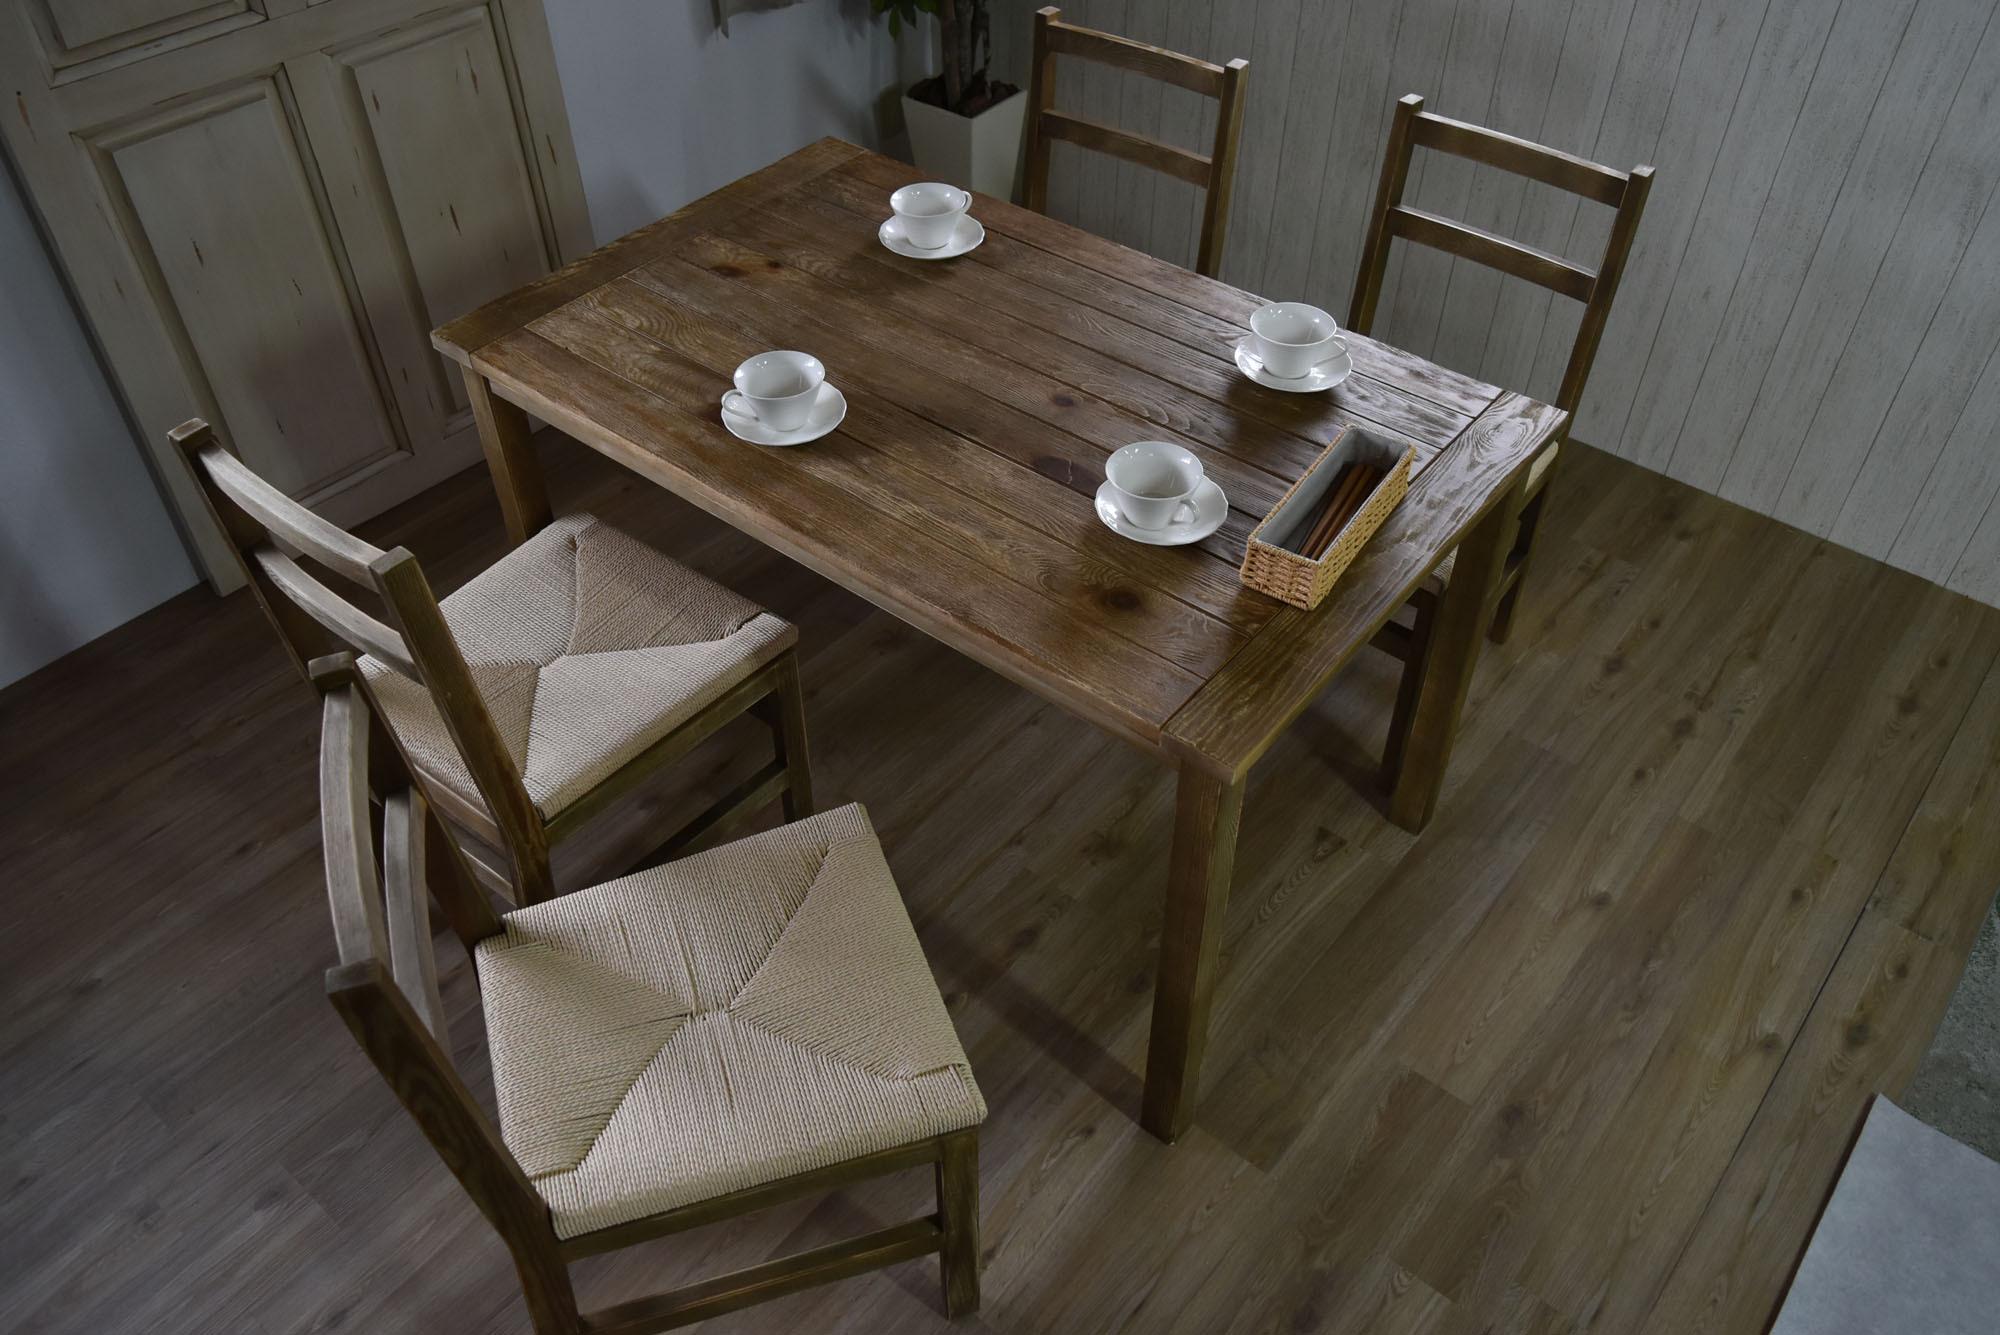 Old Pine Dining Table / アンティークカントリースタイル オールドパイン ダイニングテーブル